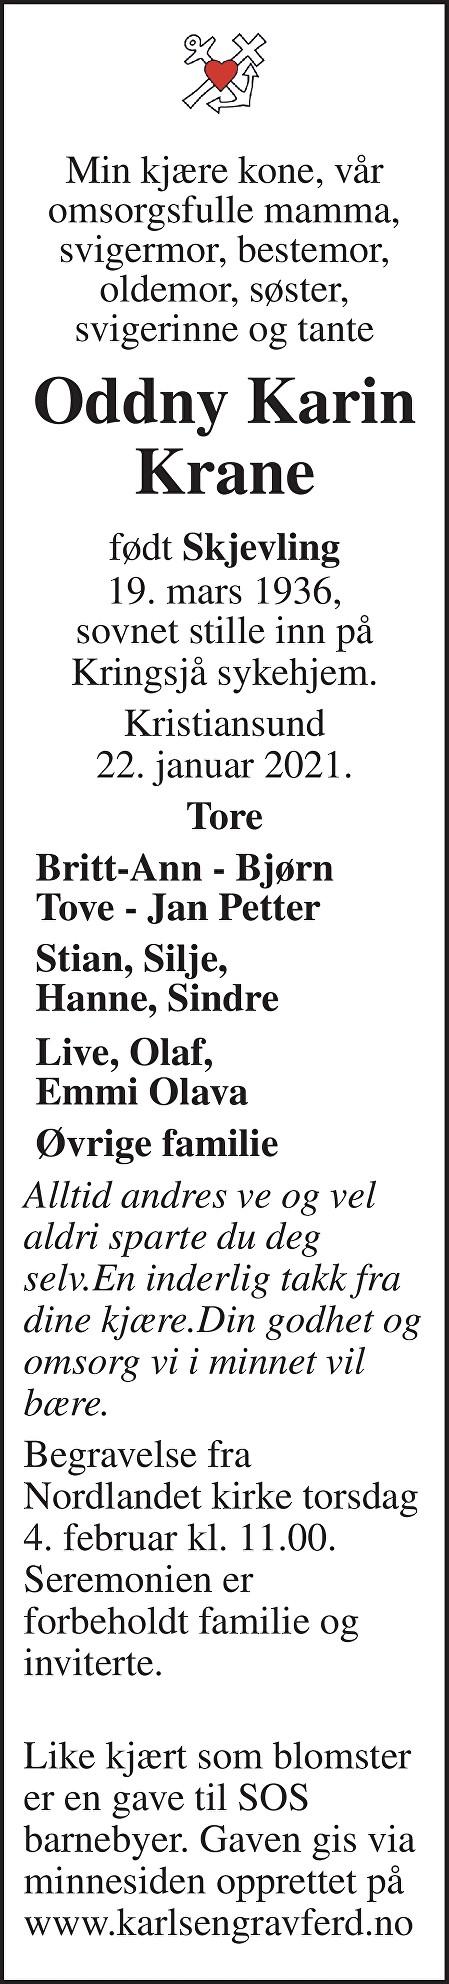 Oddny Karin Krane Dødsannonse